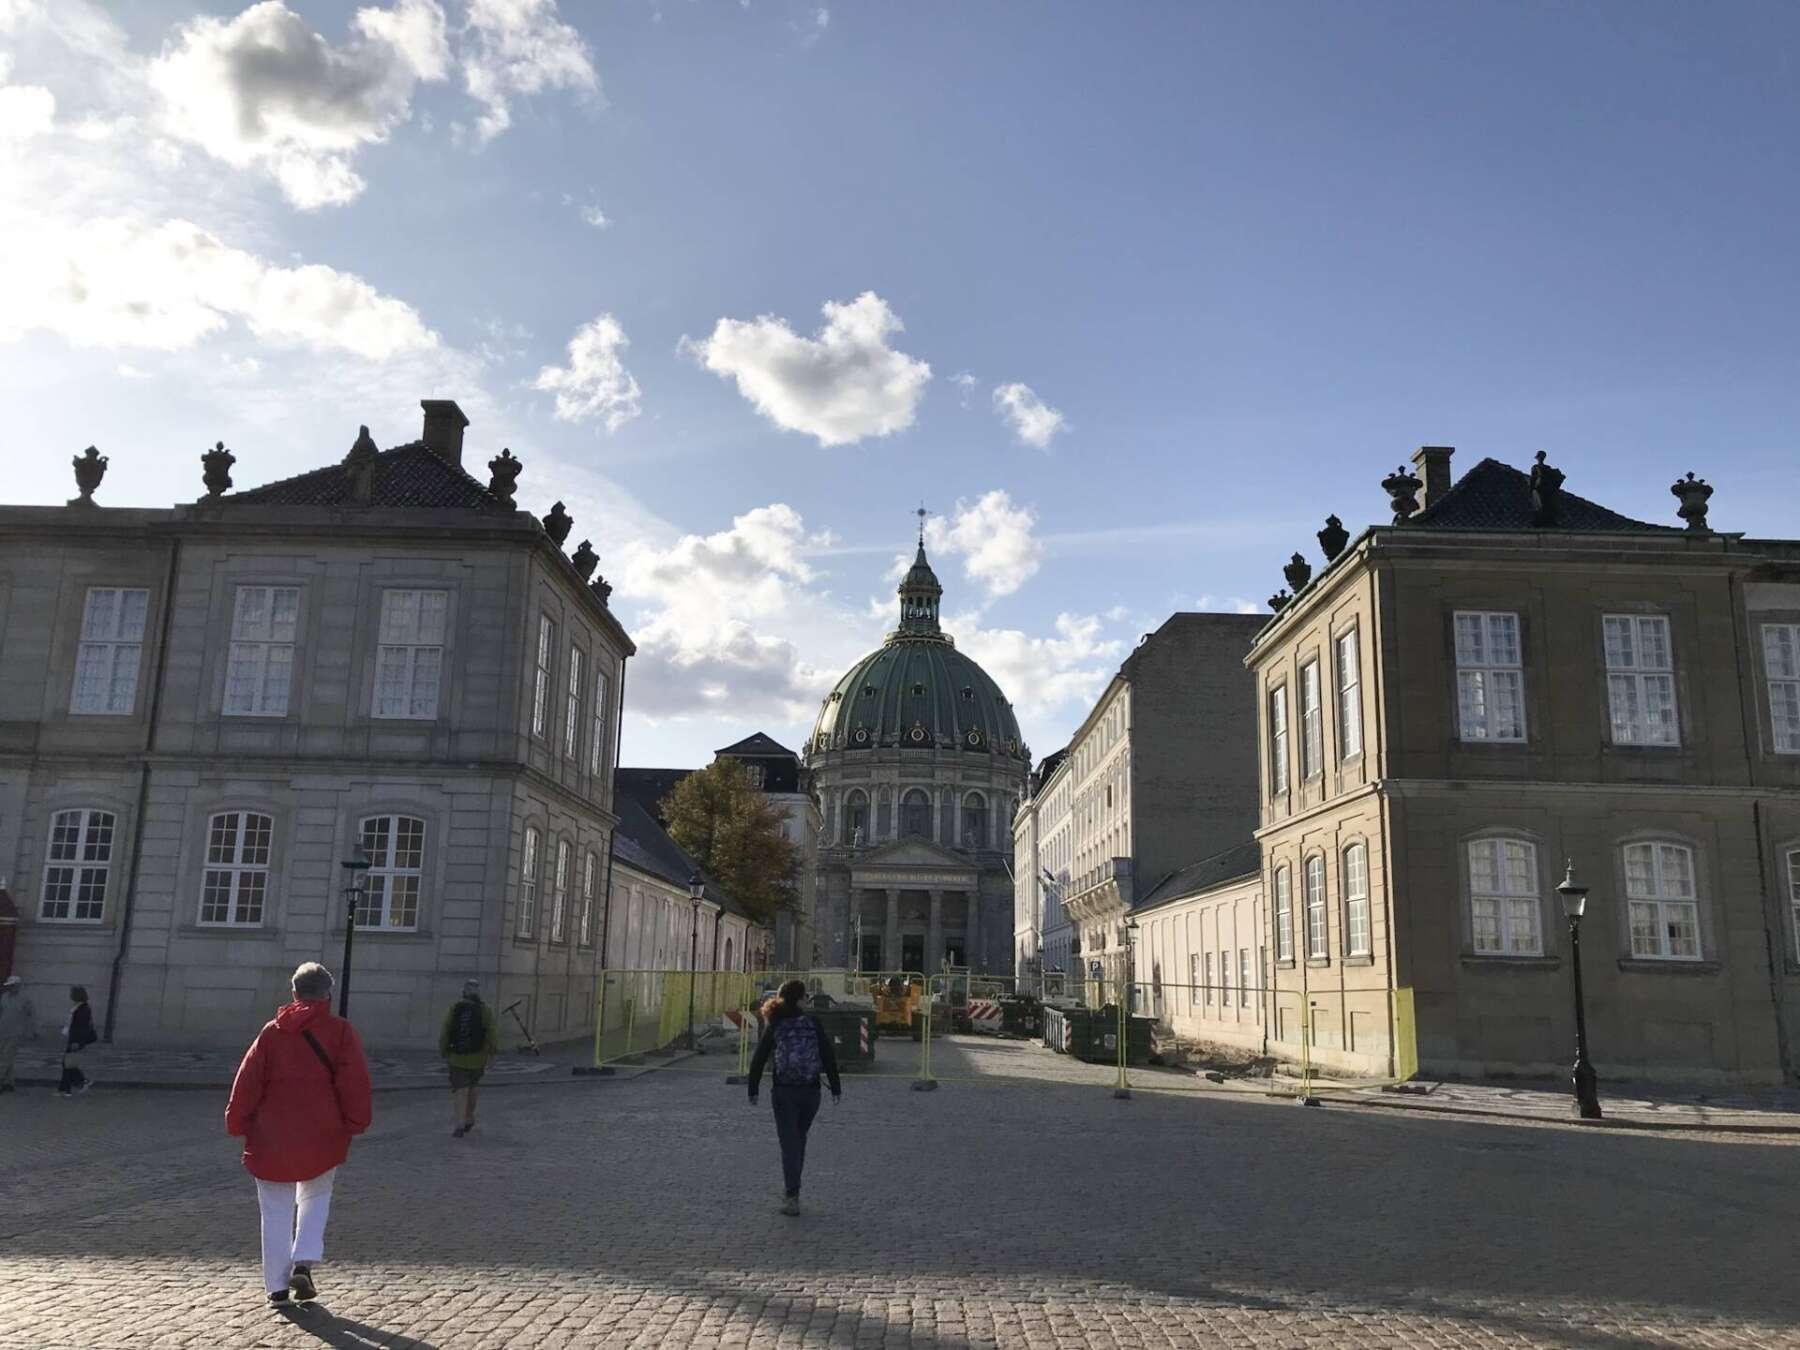 โบสถ์เฟรดเดอริค (Frederik's Church)